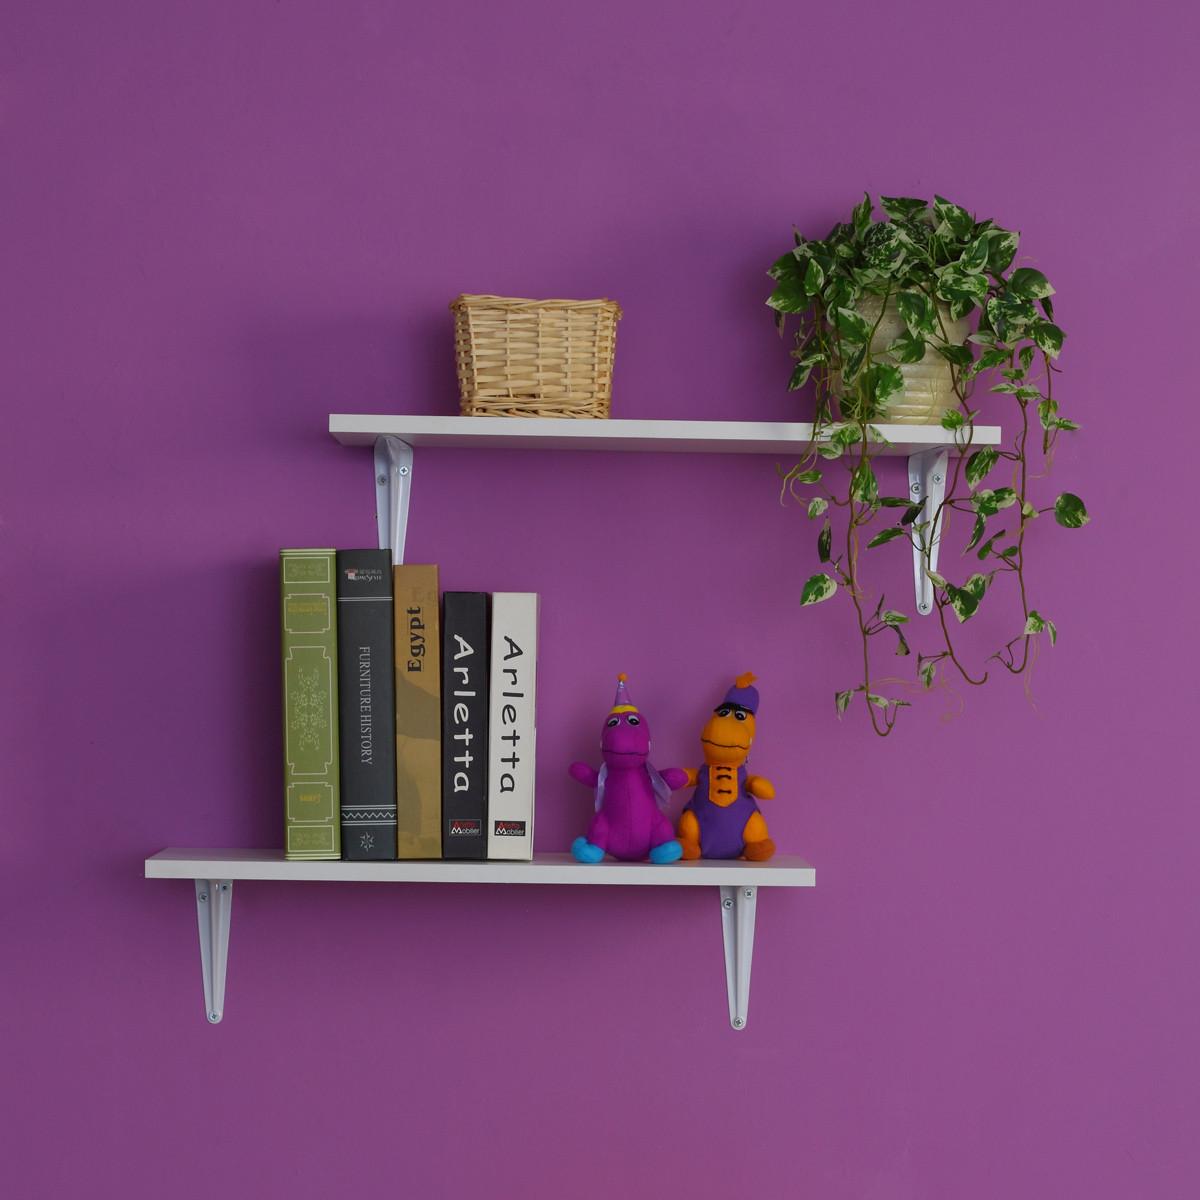 墙上钉照片图片大全 在网上买这种简易书架钉在墙上